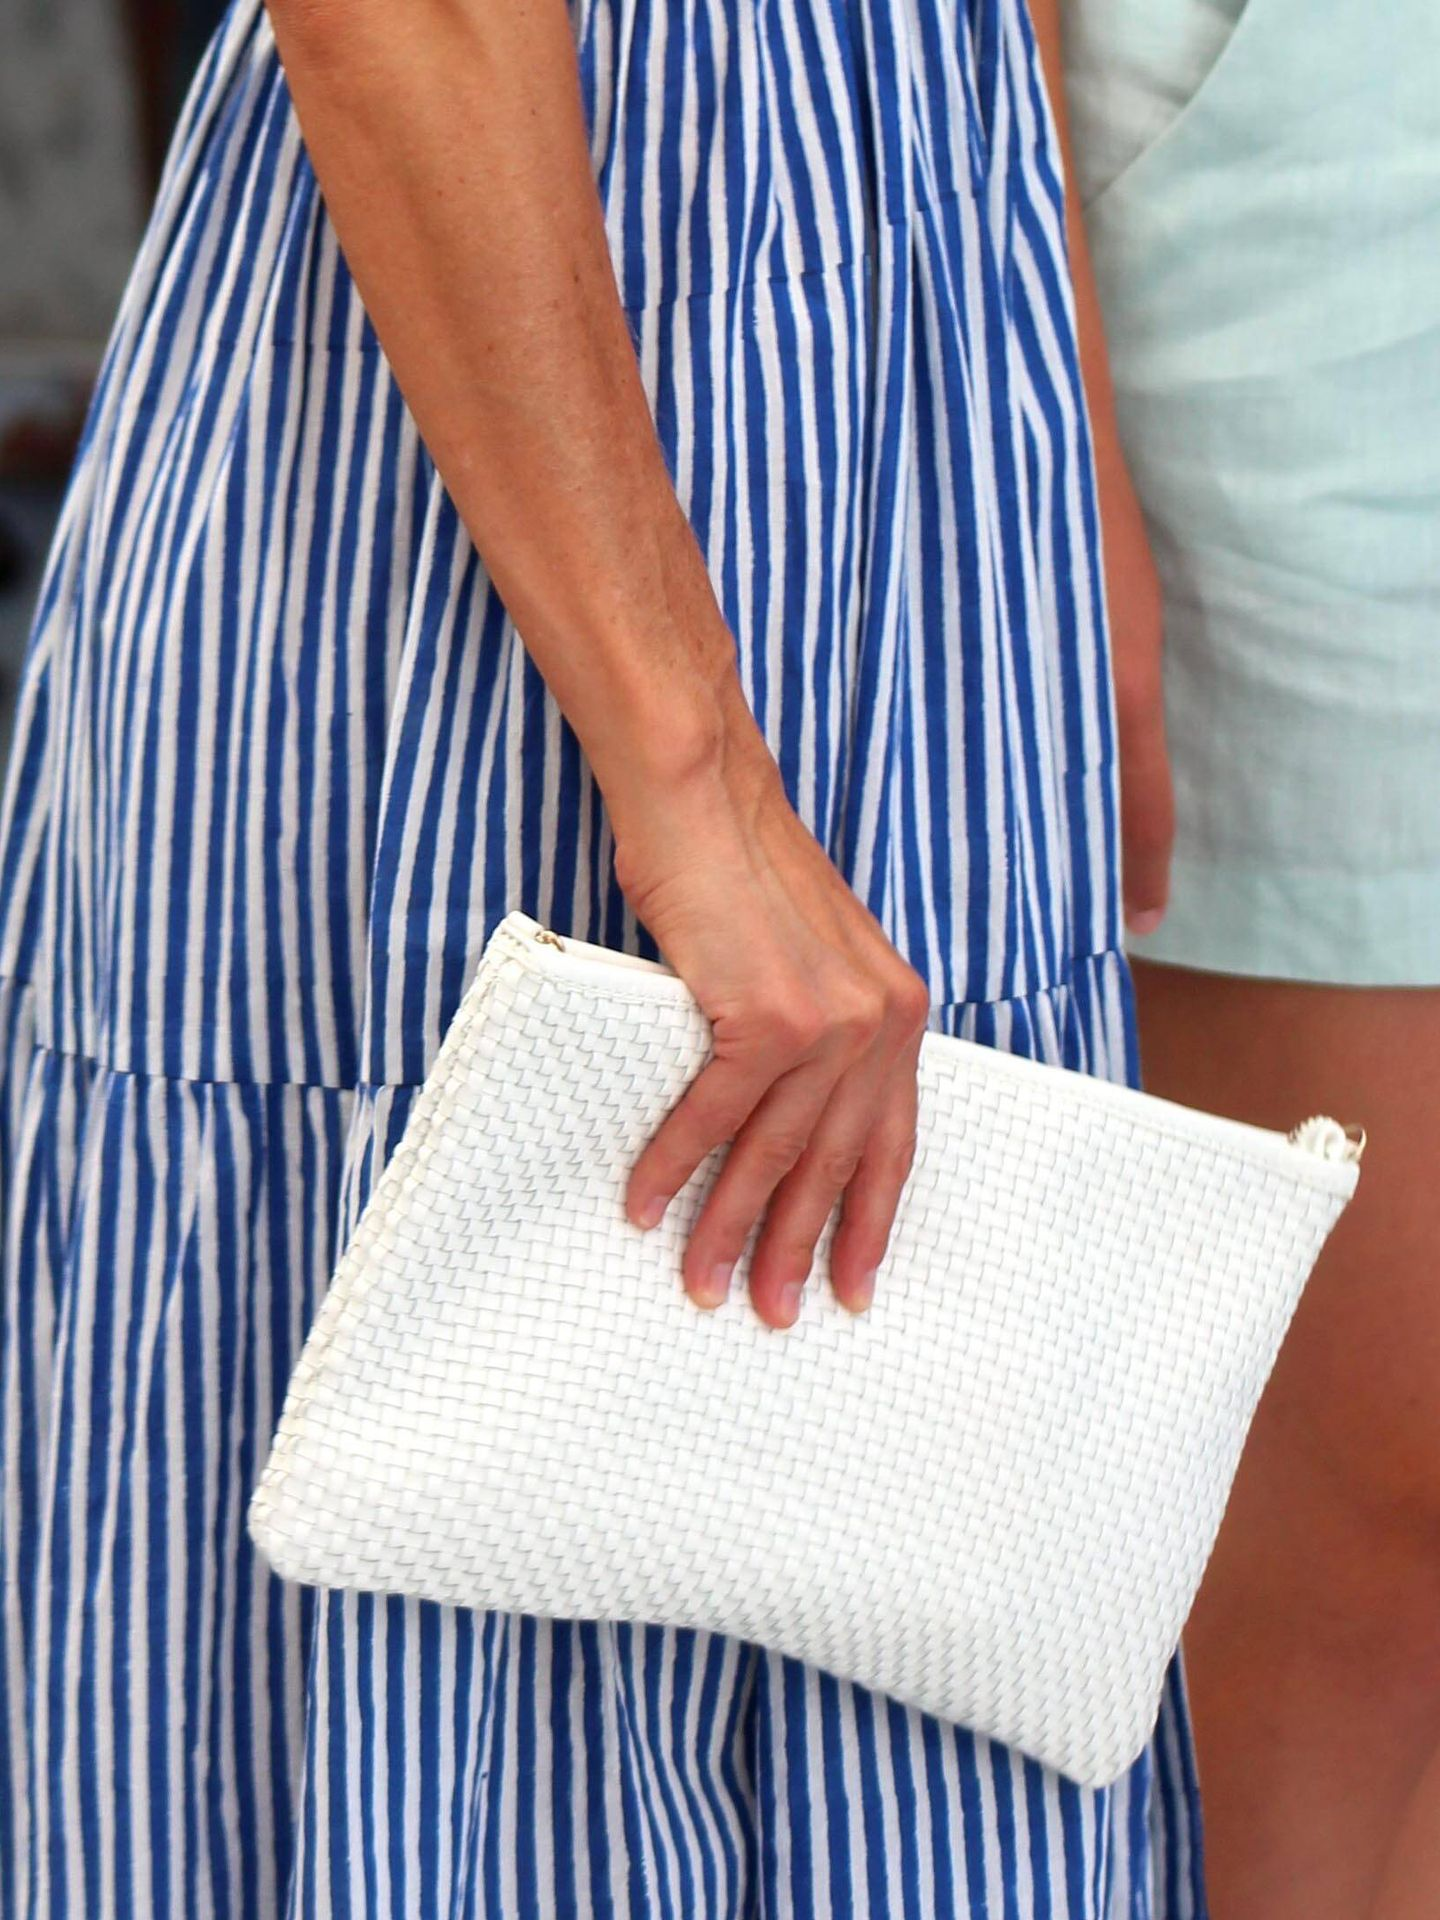 Detalle del bolso de la reina. (Imagen: Cordon Press)